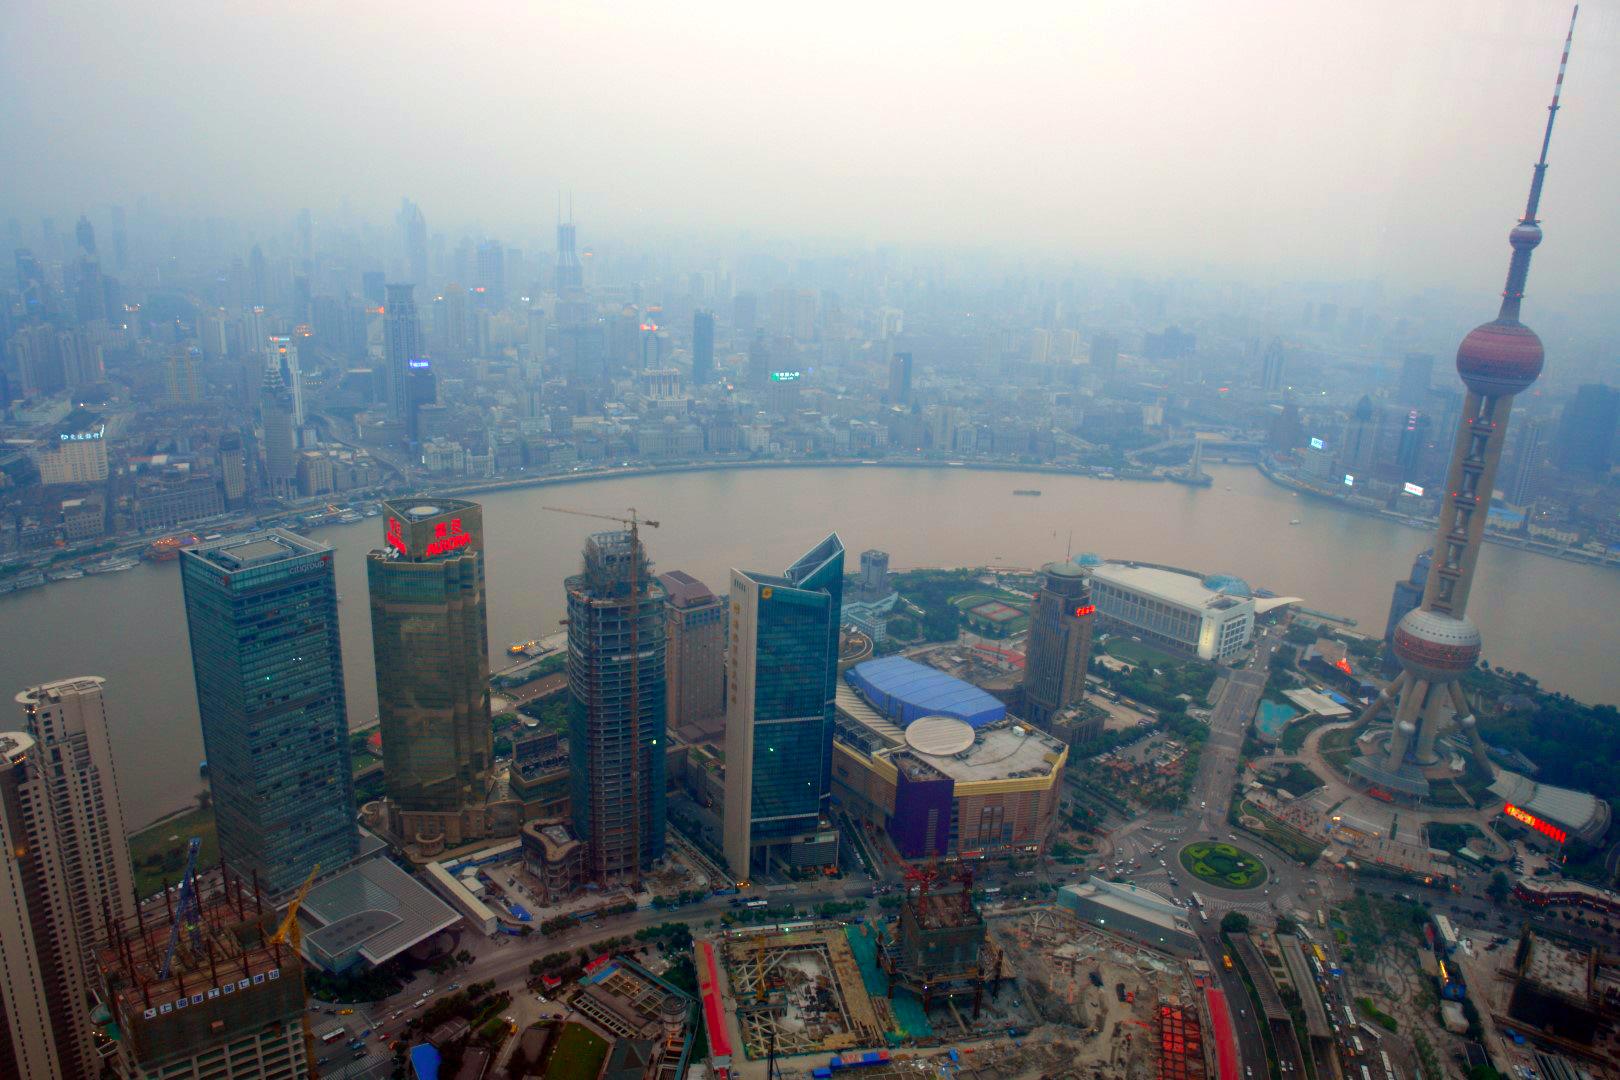 qué ver en Shanghai, China qué ver en shanghai - 32179272600 a2e519e9ec o - Qué ver en Shanghai, China